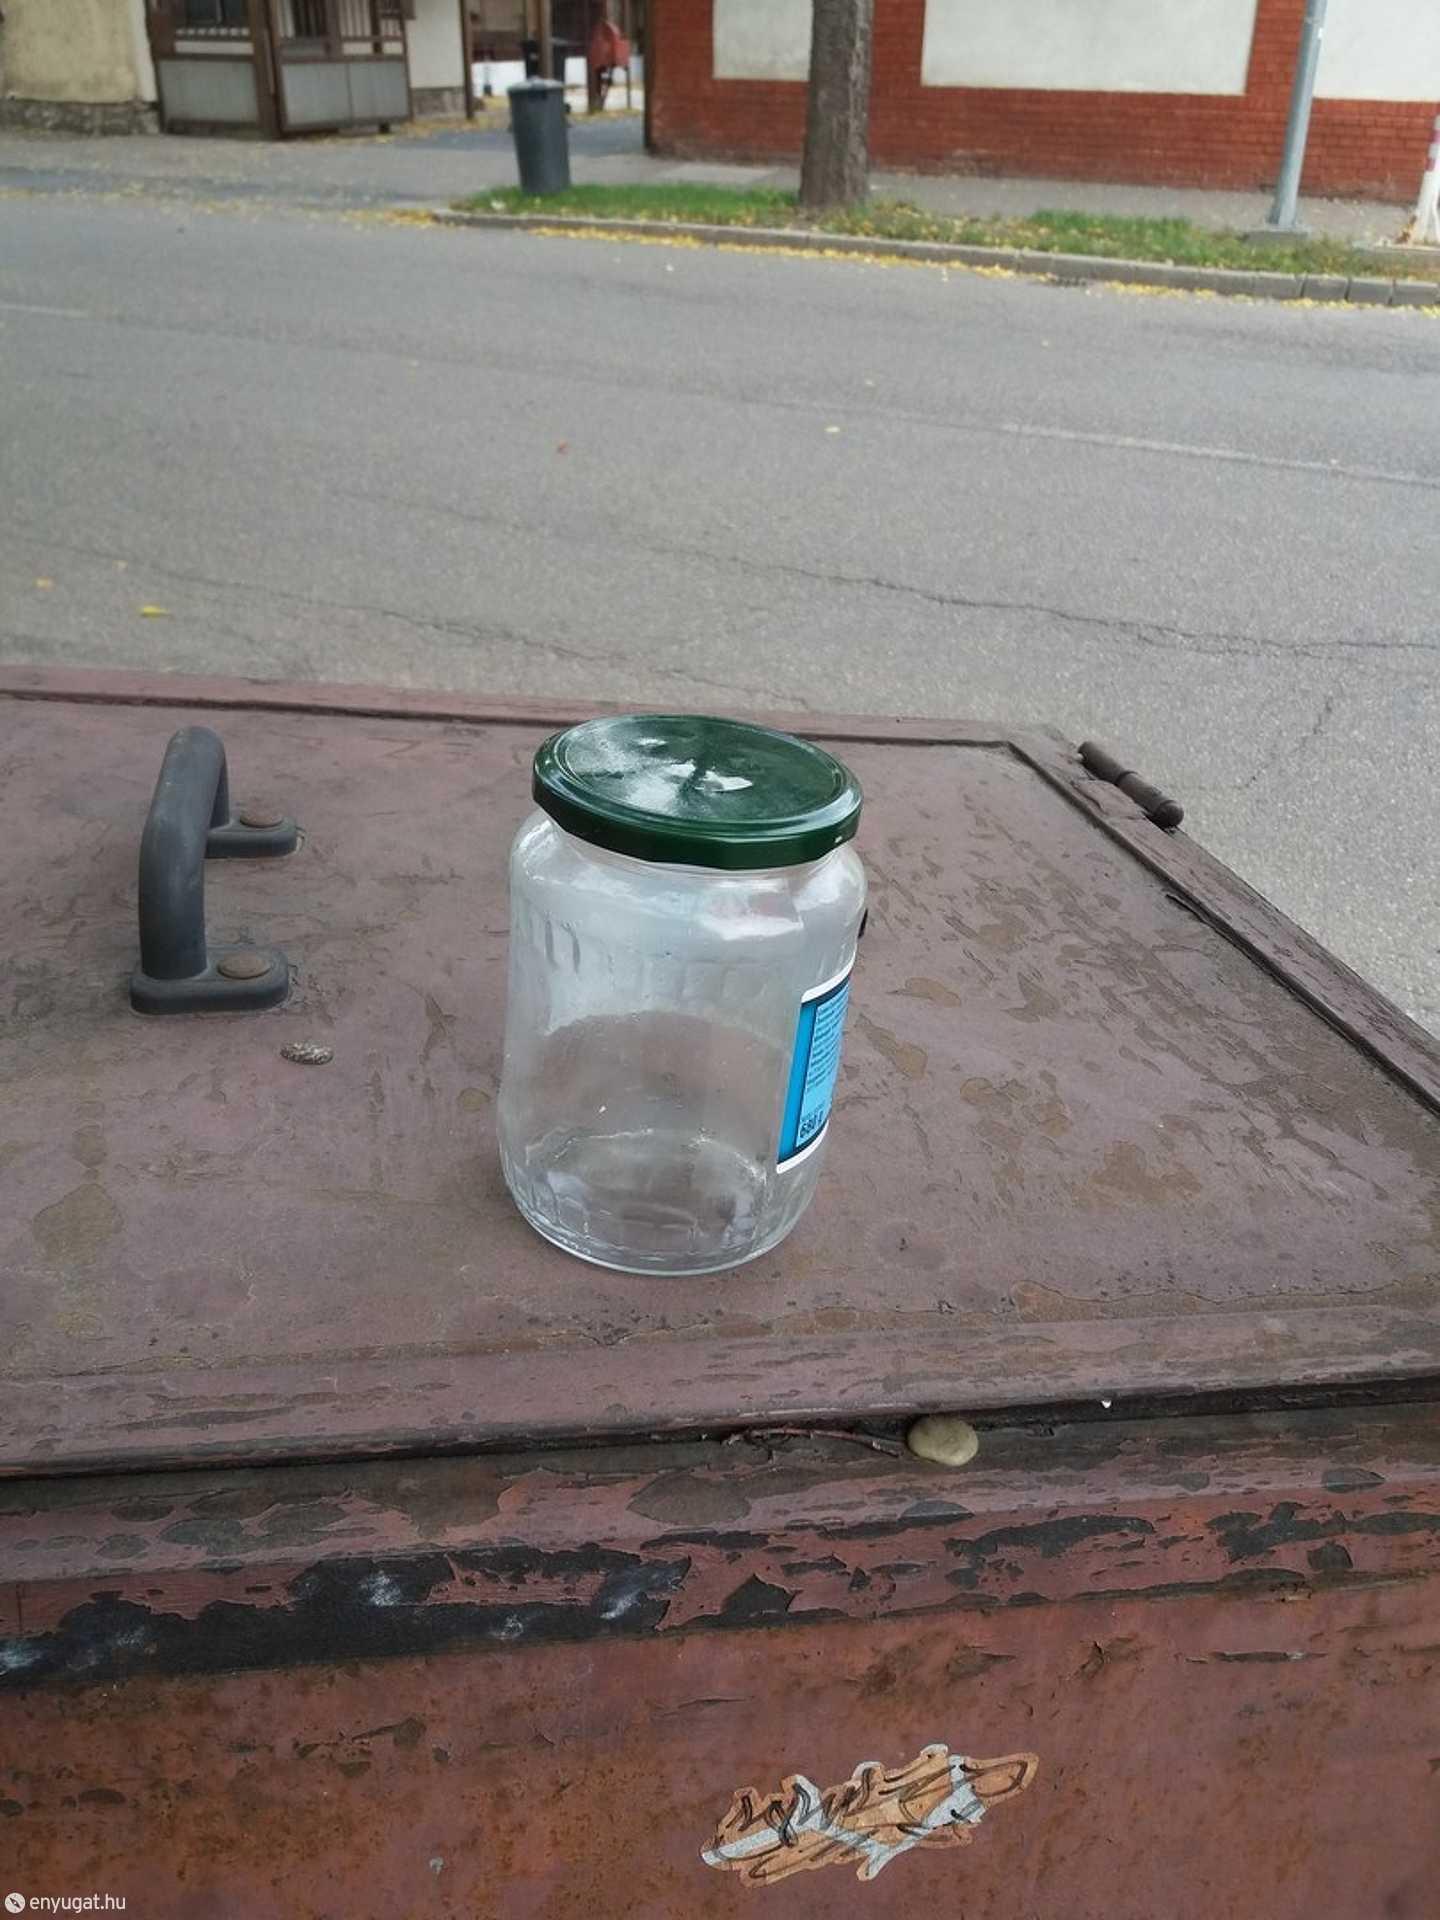 Valaki ottfelejtette a savanyúság üvegét.